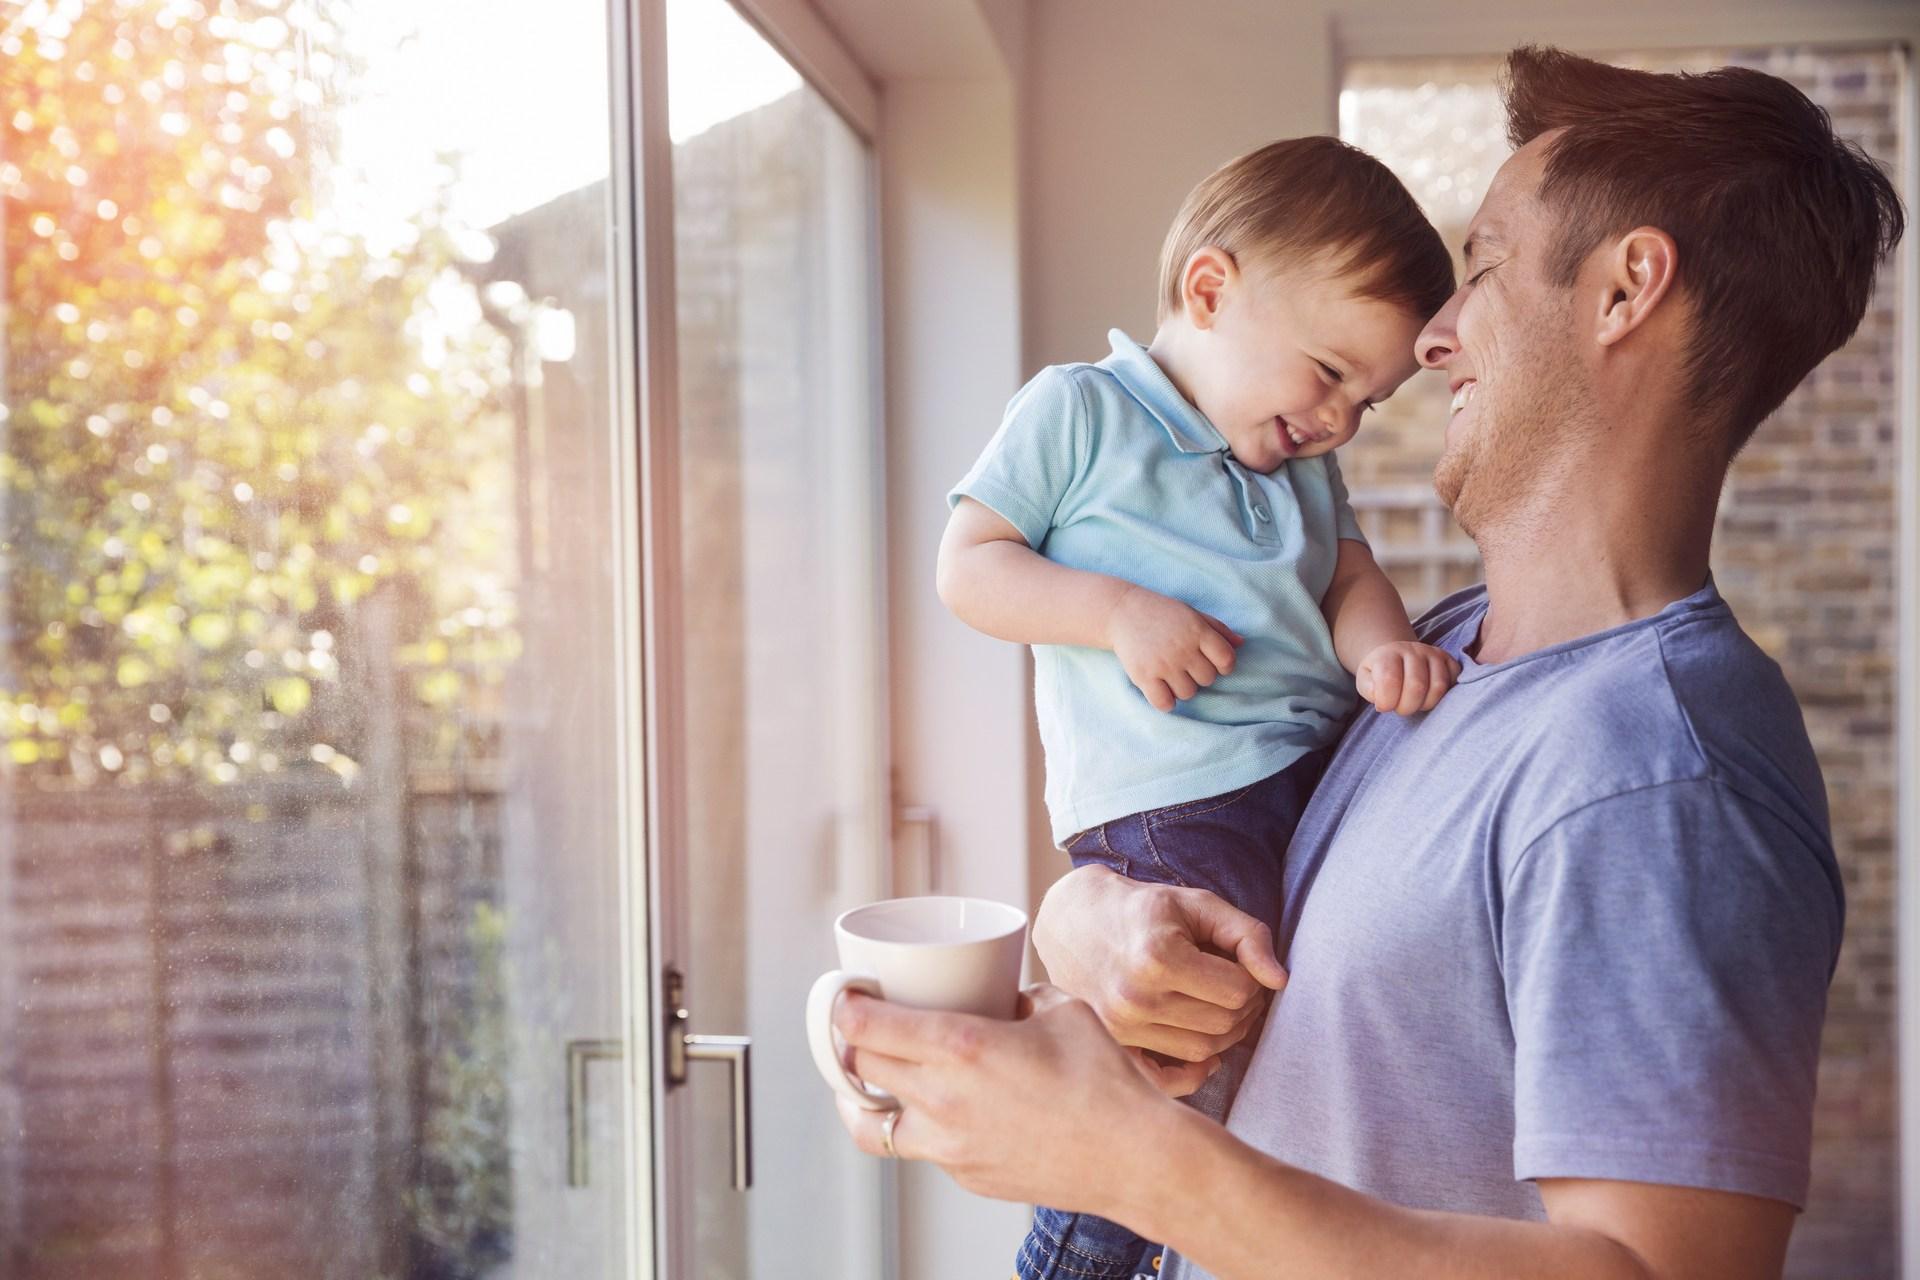 Specjalistyczne systemy sprawią, że korzystanie z okien będzie przyjemne i efektywne